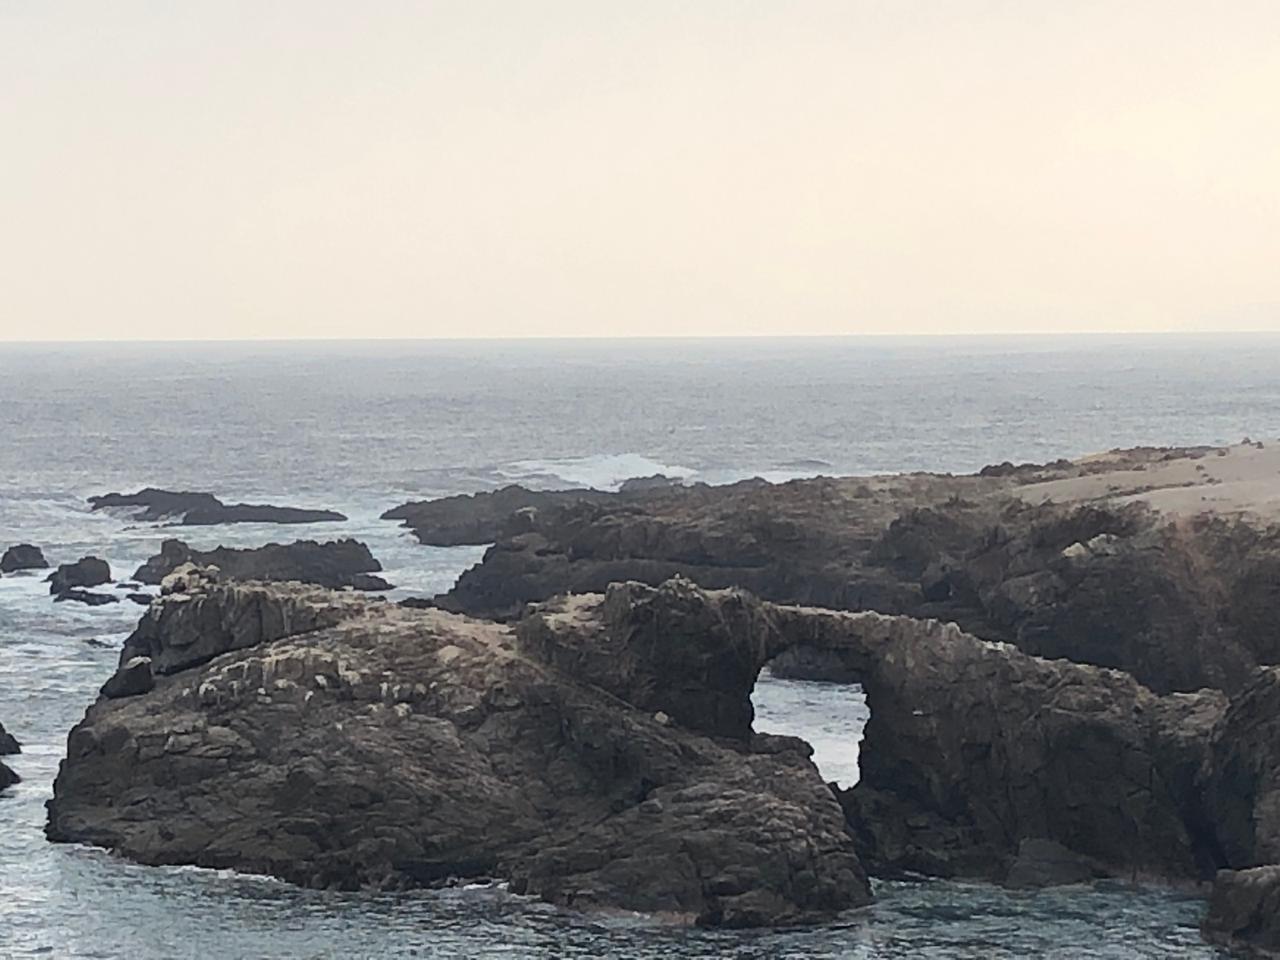 daytona-hasta-el-fin-del-mundo-puerto-quilca-1